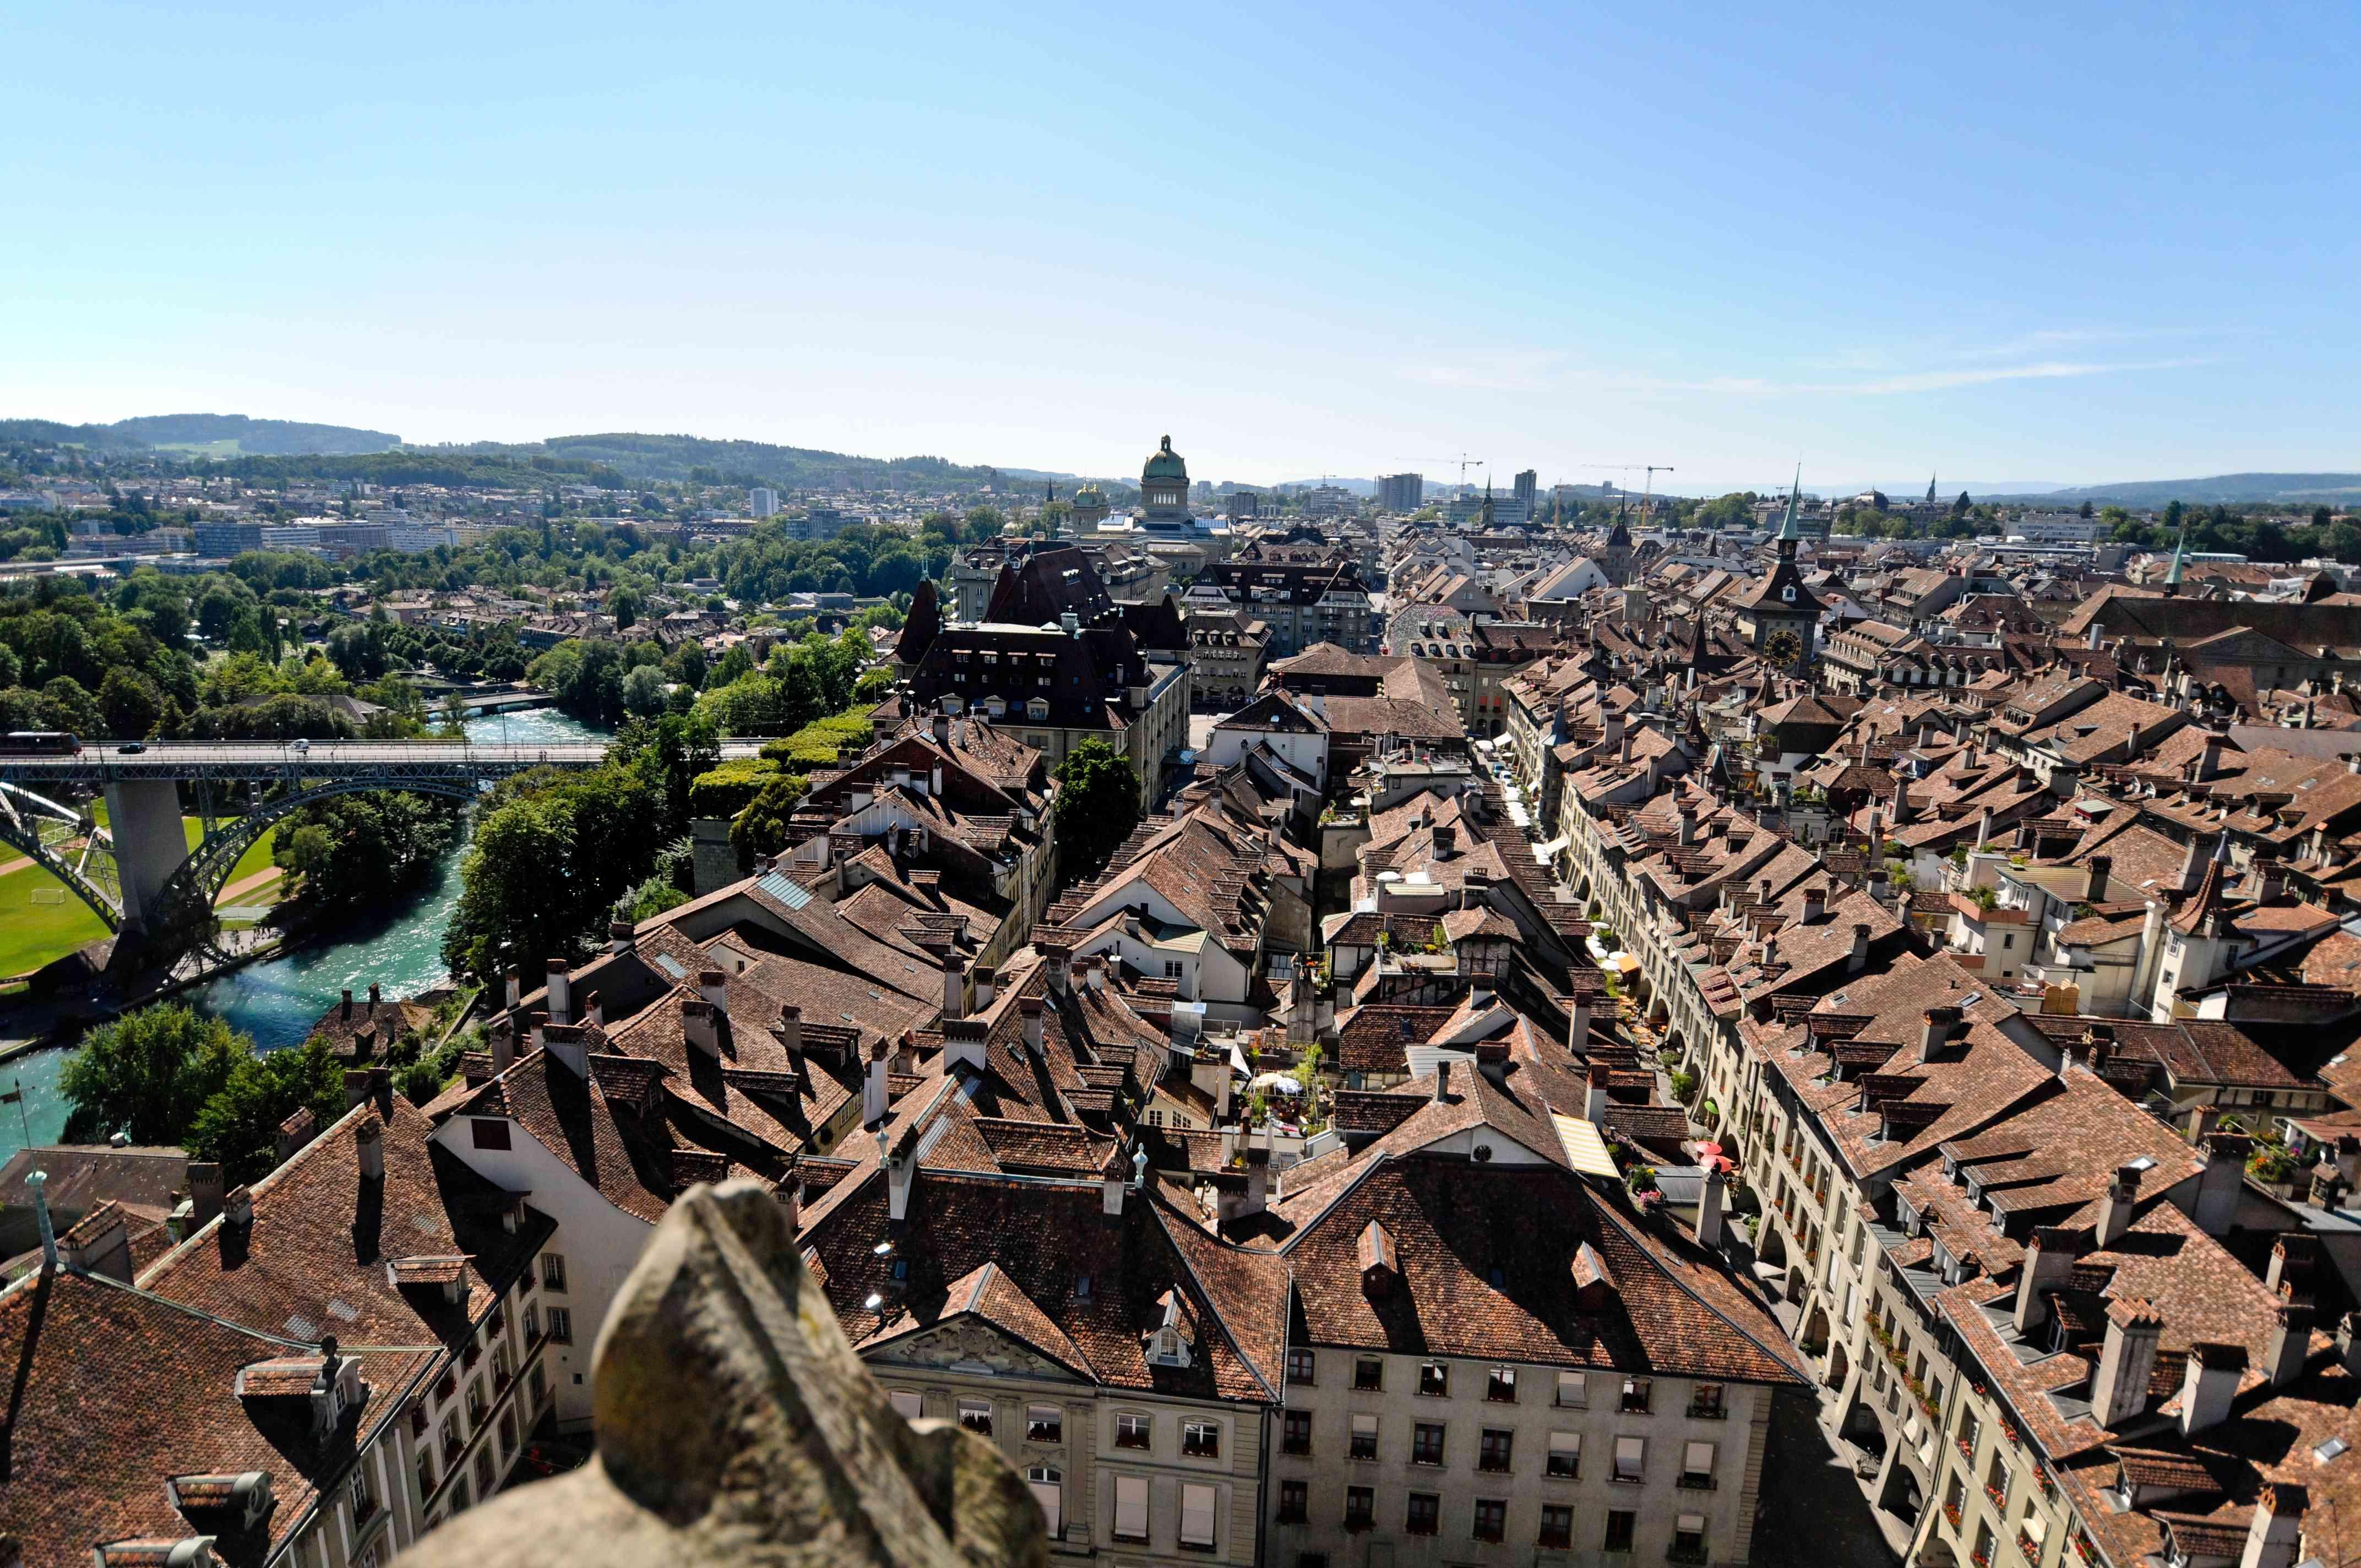 vista aérea de los edificios de techos marrones en el Altstadt de Berna